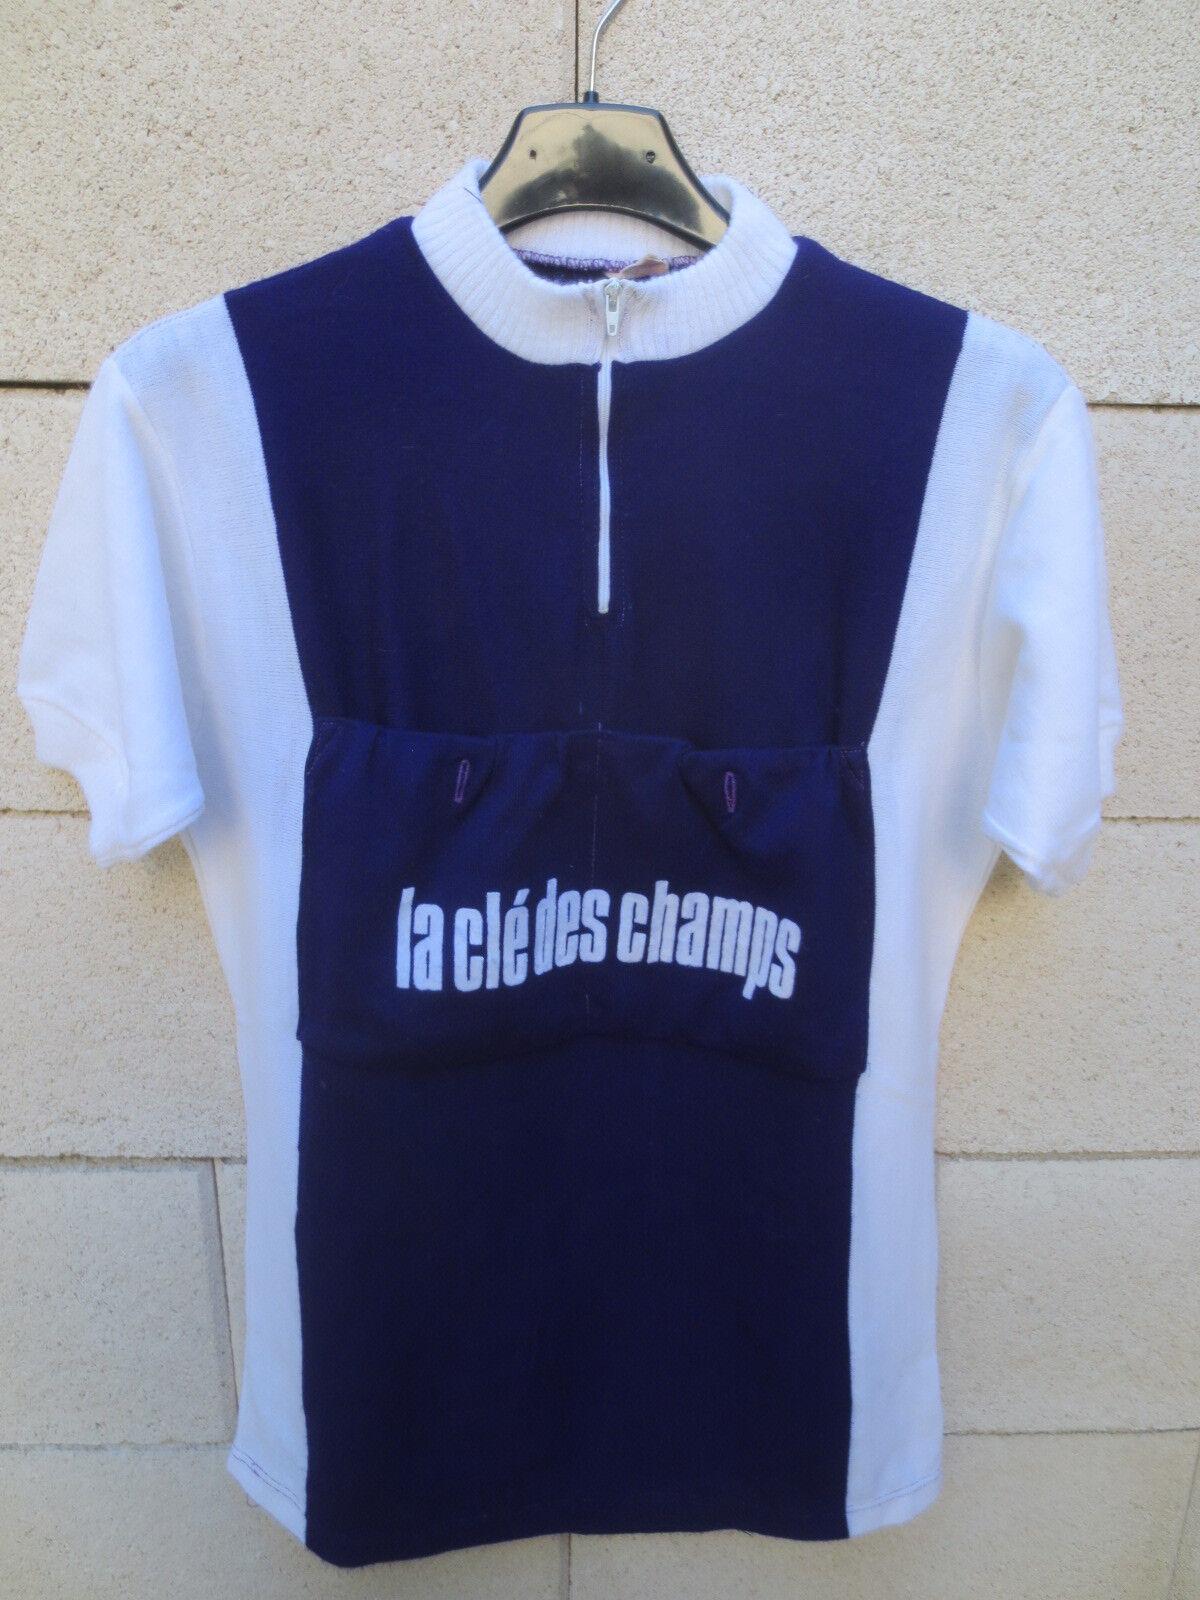 VINTAGE Maillot cycliste LA CLE DES CHAMPS St AFRIQUE cycling shirt jersey 70's